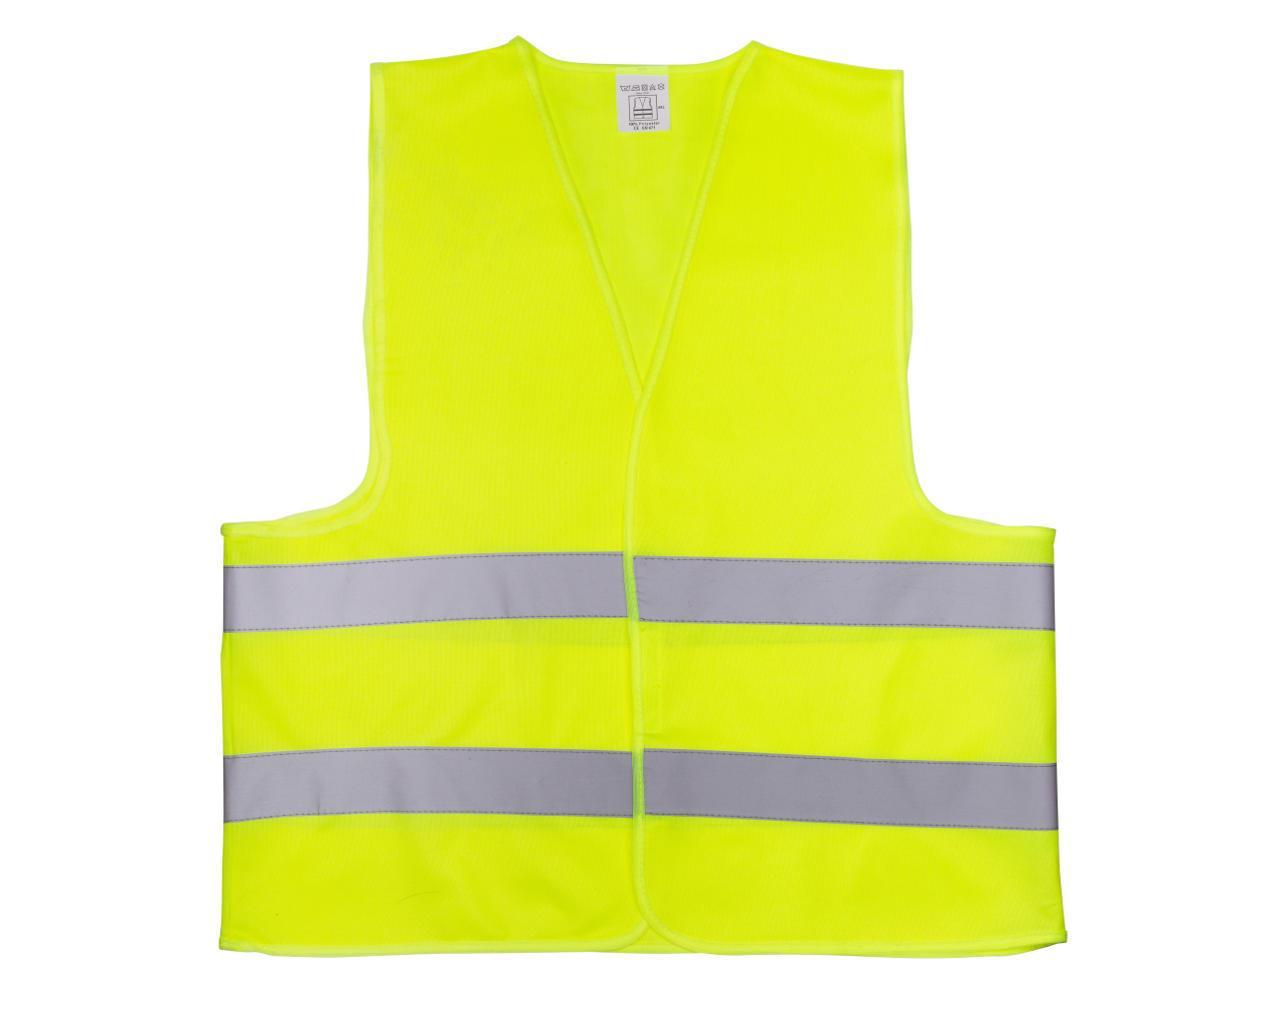 Жилет со светоотр. лентой Китай (цвет лимон) состав polyester 100% размер 4ХL плотность ткани 120г/м2